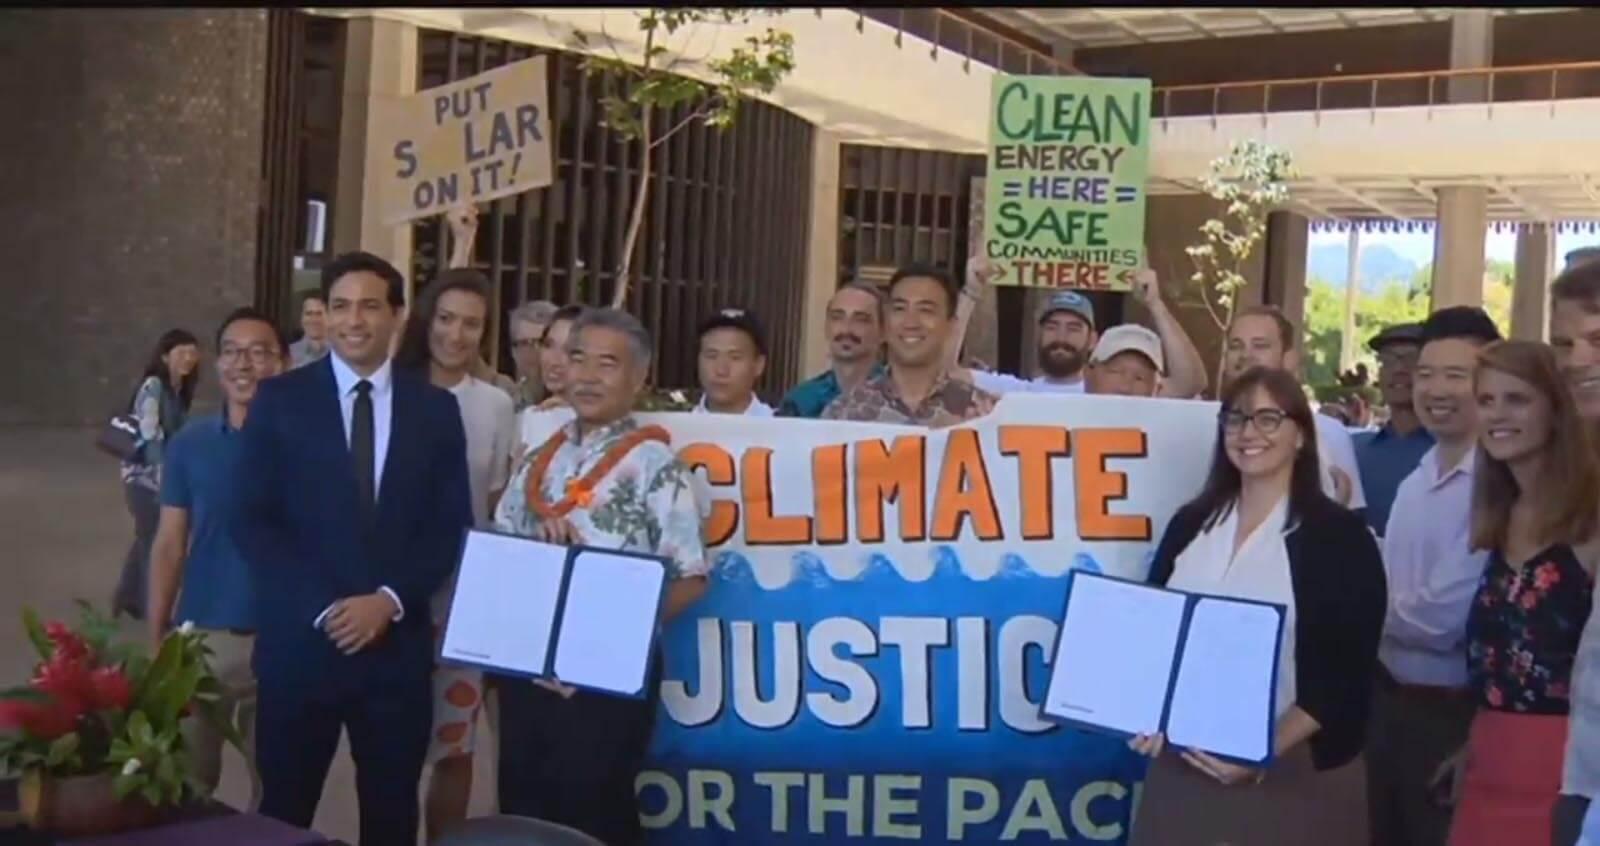 Hawaii törvénybe iktatta a párizsi klímaegyezmény egyes előírásainak megvalósítását